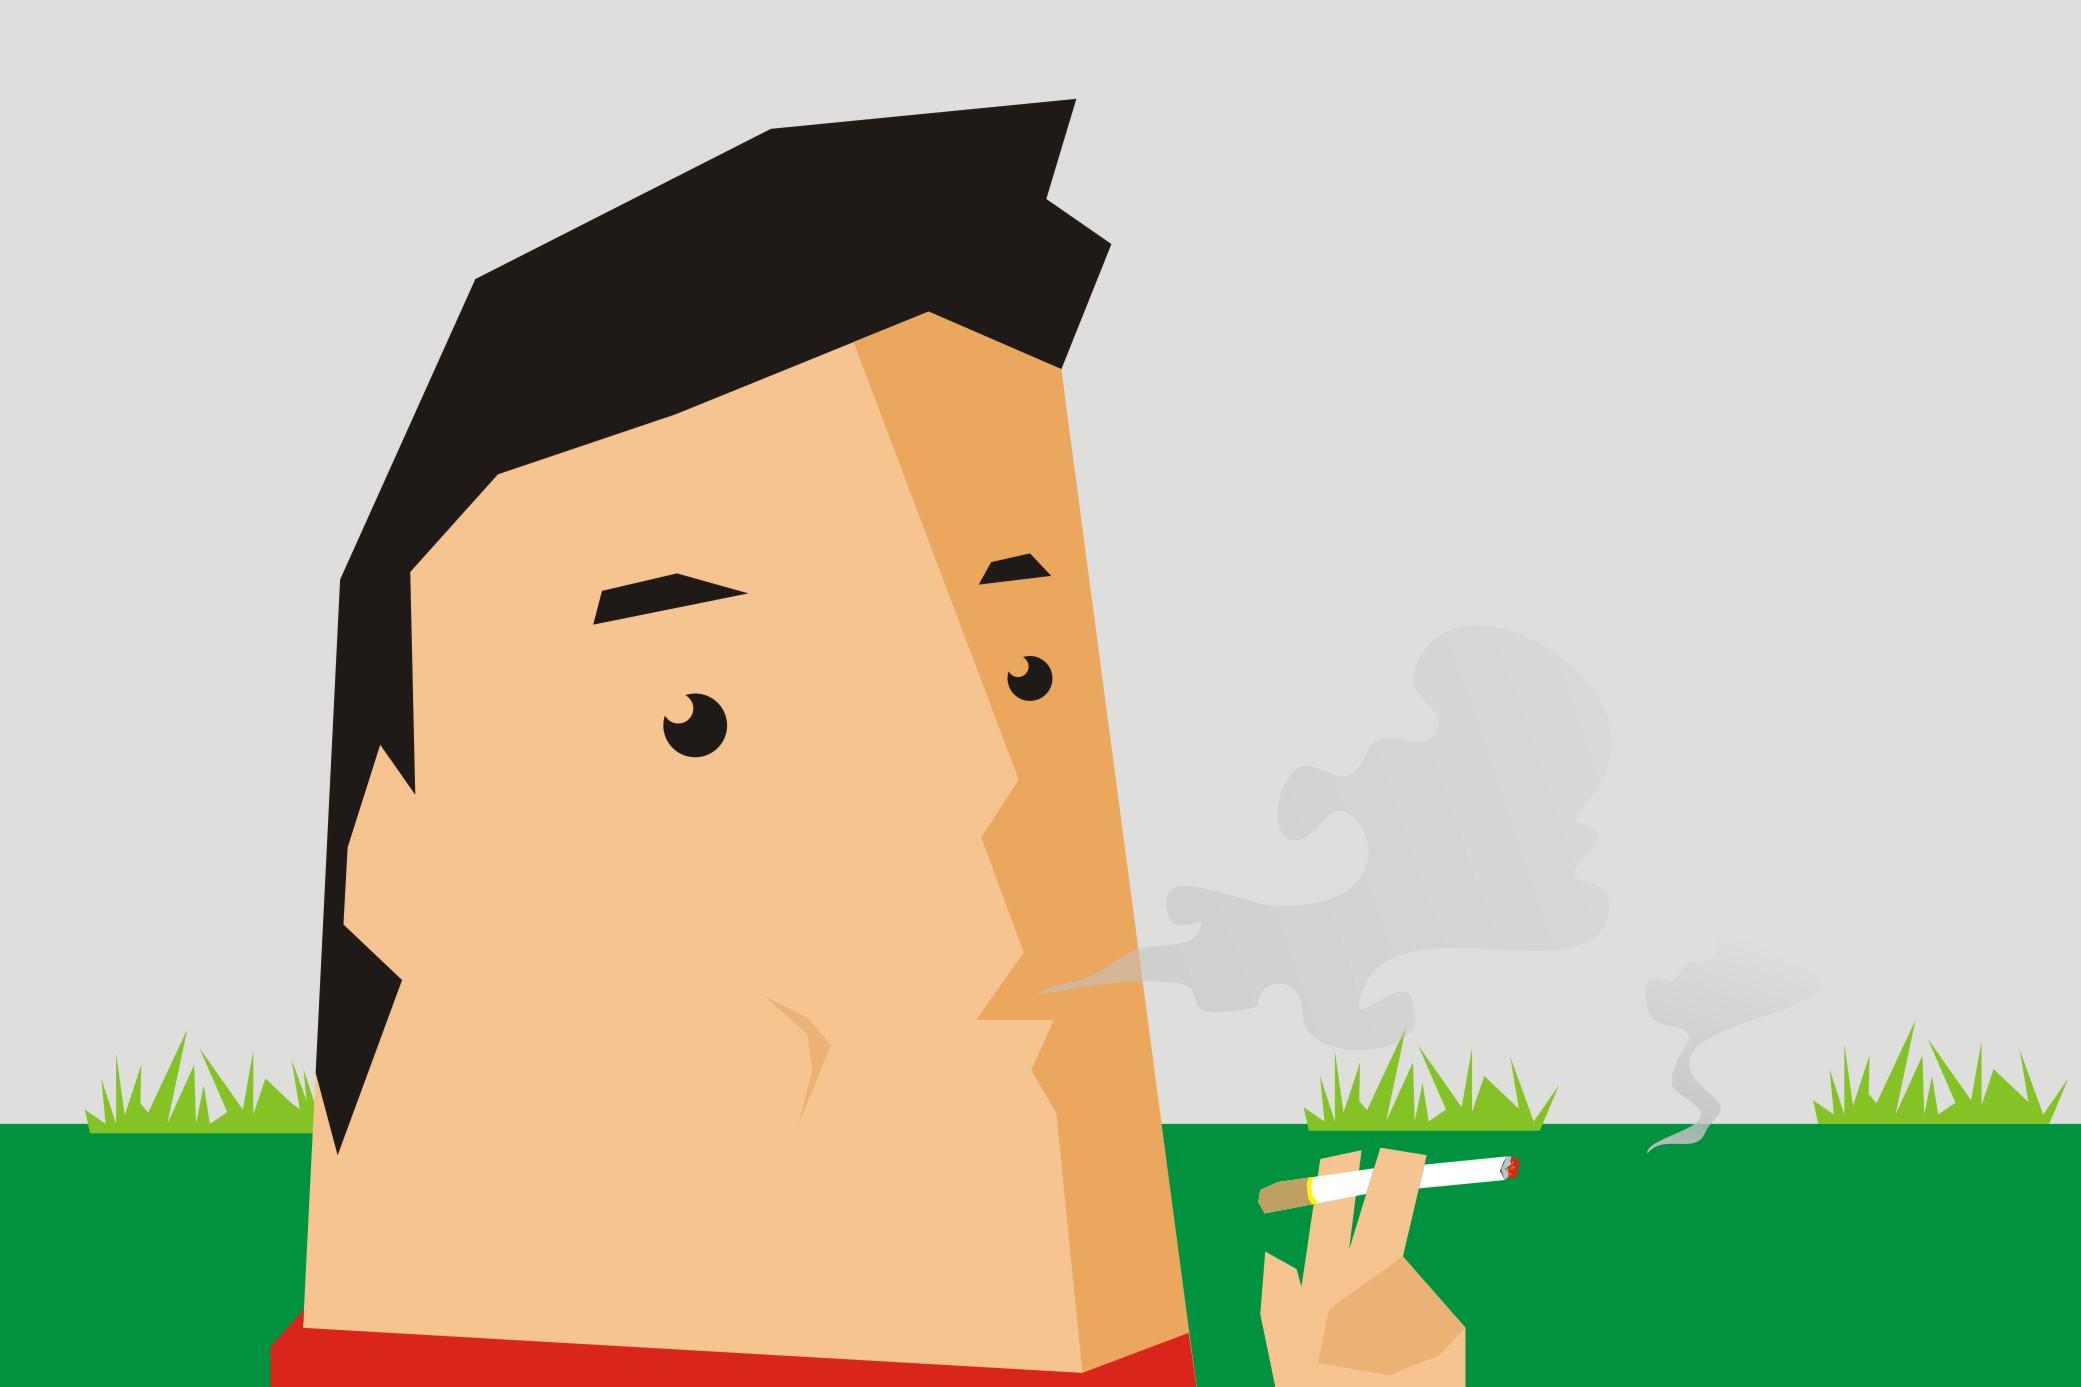 Perokok berat tapi paru-paru tetap sehat? Ini penjelasan ilmiahnya